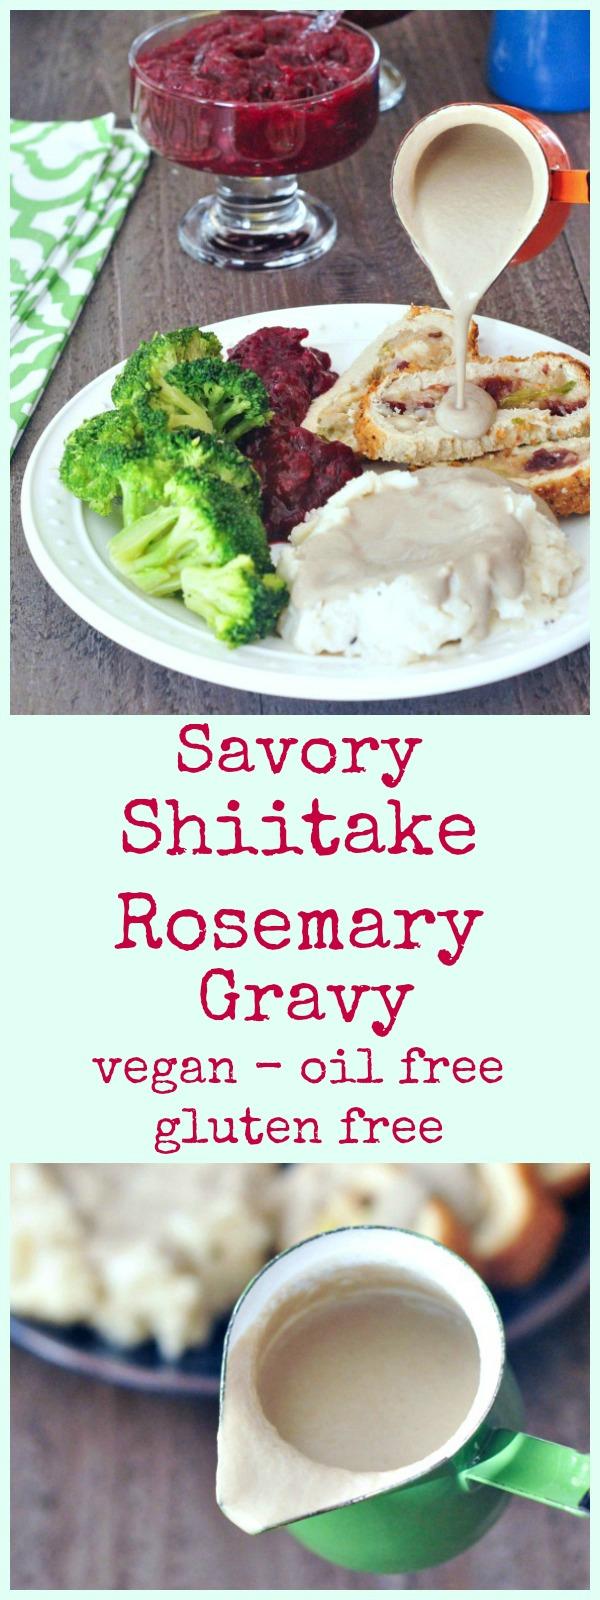 Savory Shiitake Rosemary Gravy @spabettie #vegan #oilfree #glutenfree